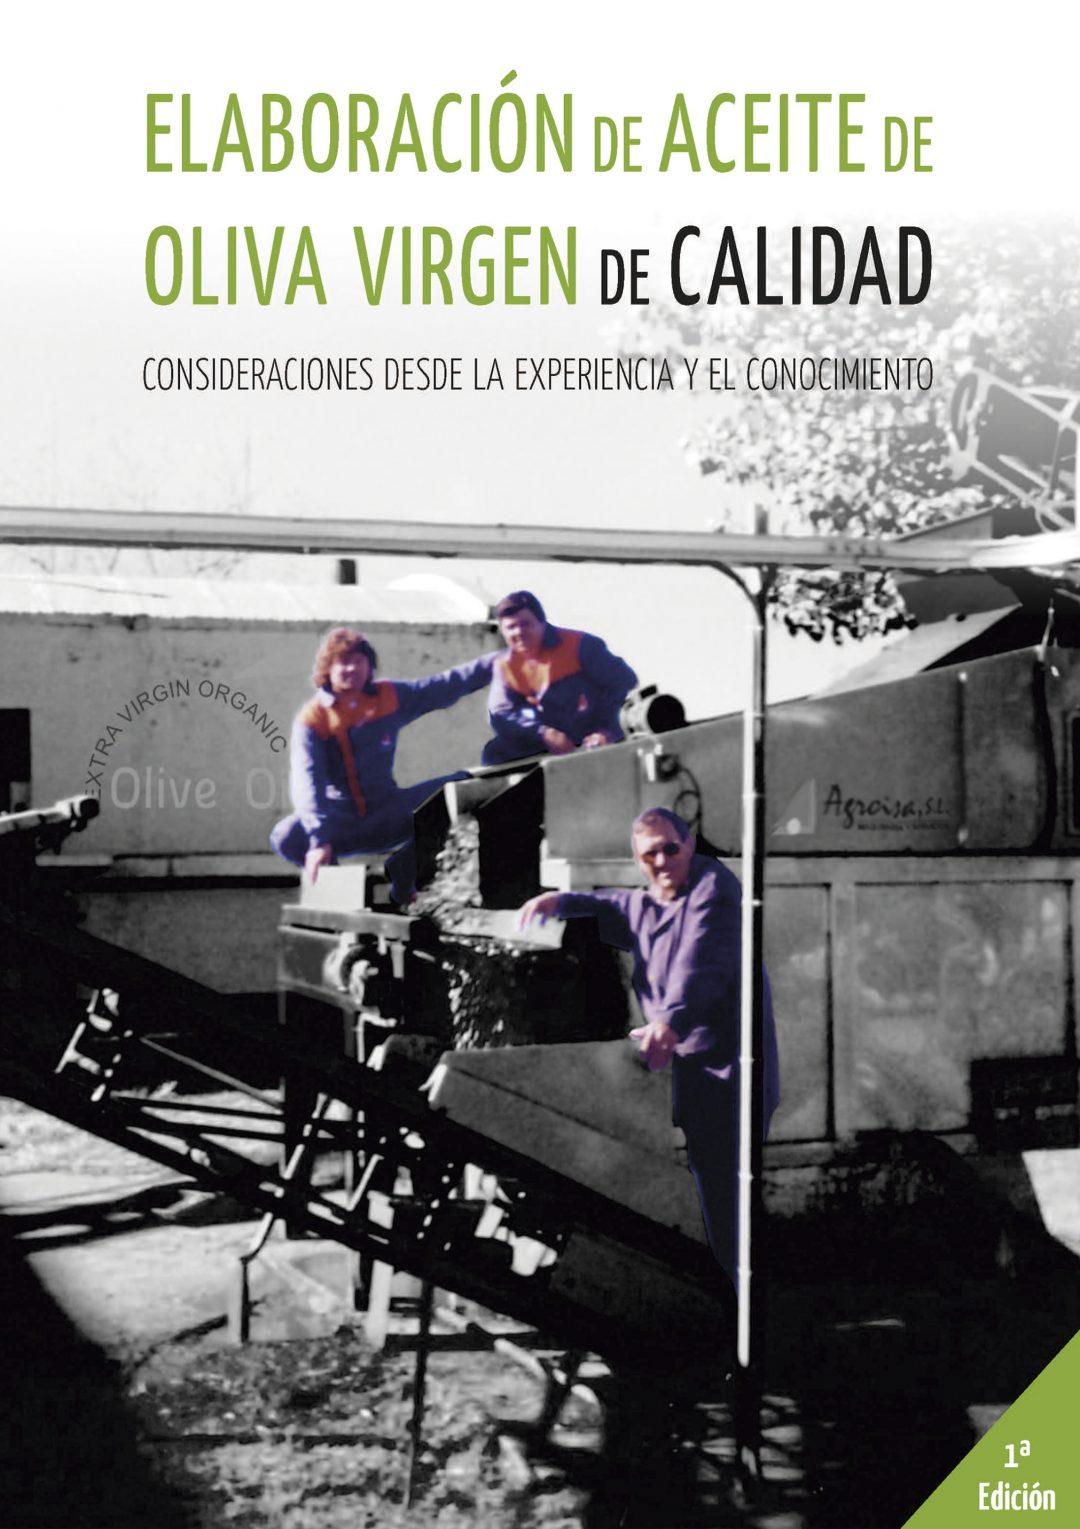 Elaboración de Aceite de Oliva Virgen de Calidad